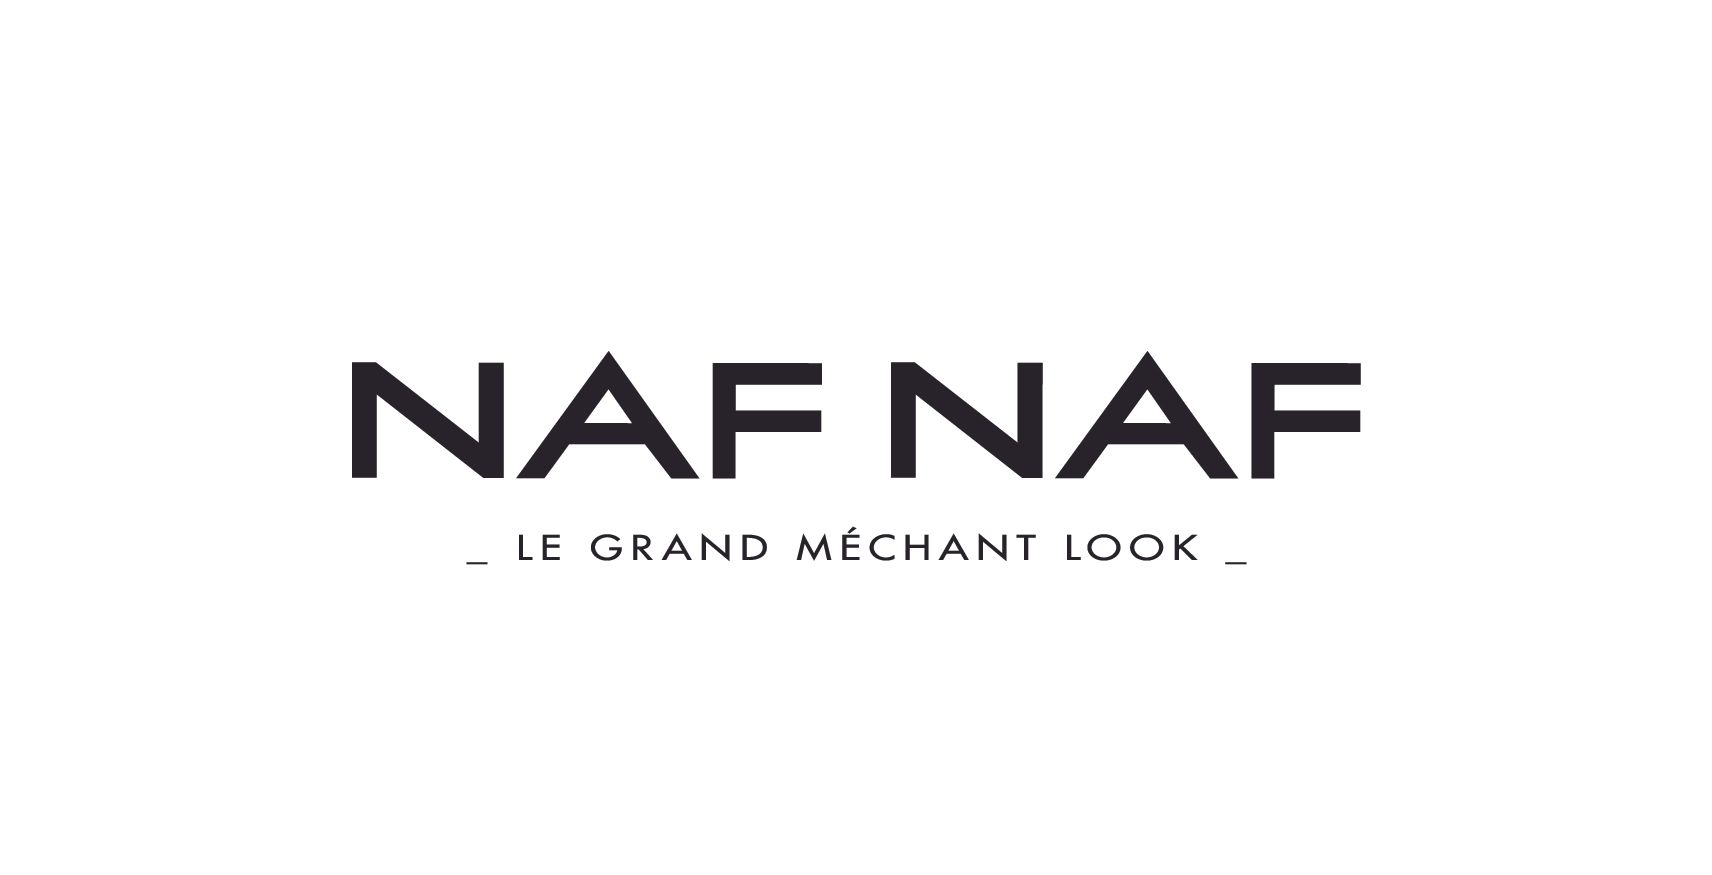 NAFNAF logo